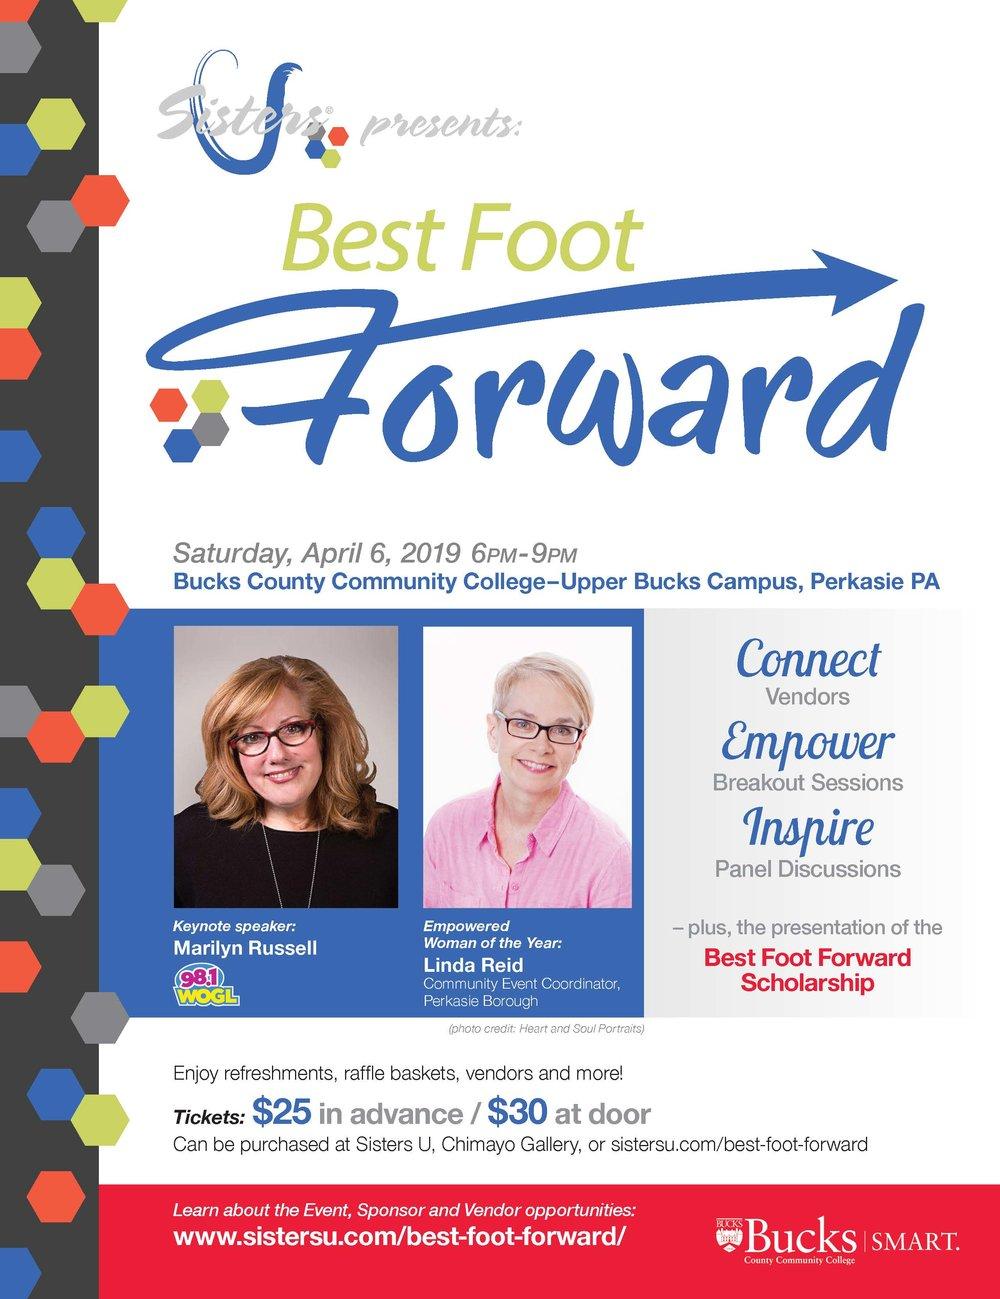 Sisters U Best Foot Forward Flyer 2019_FINAL.jpg